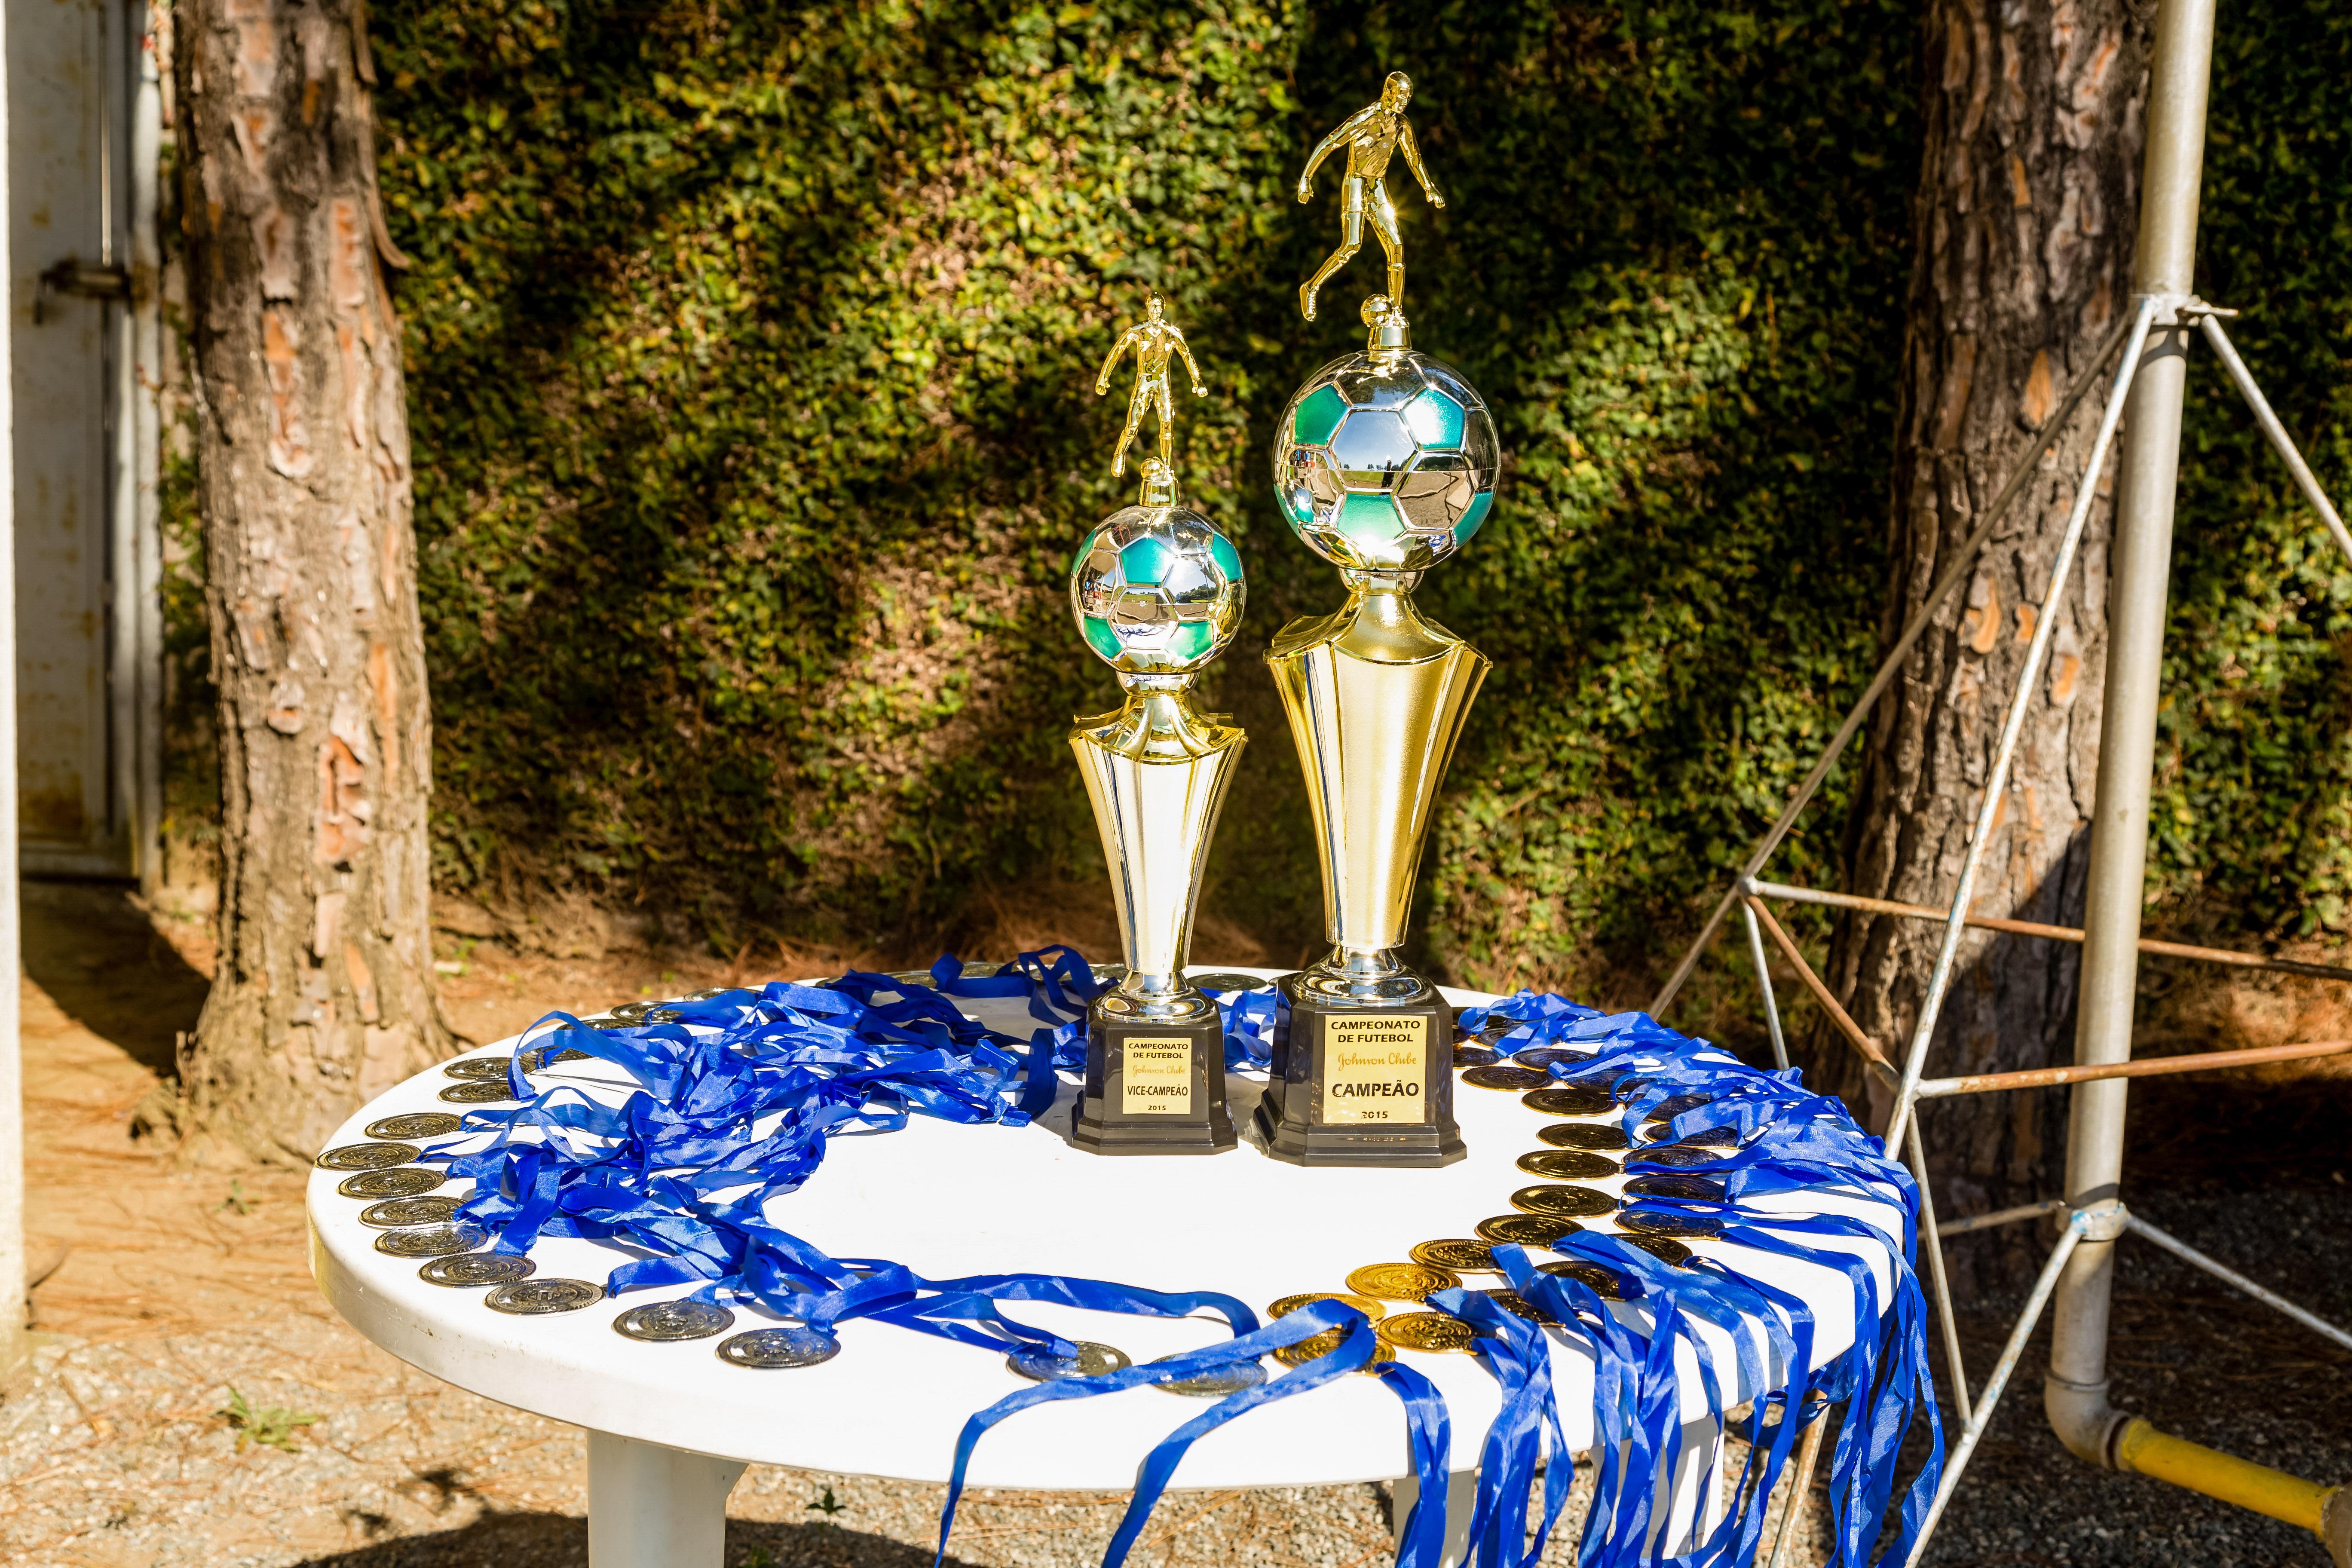 Saiba quem ganhou o Campeonato Interno de Futebol